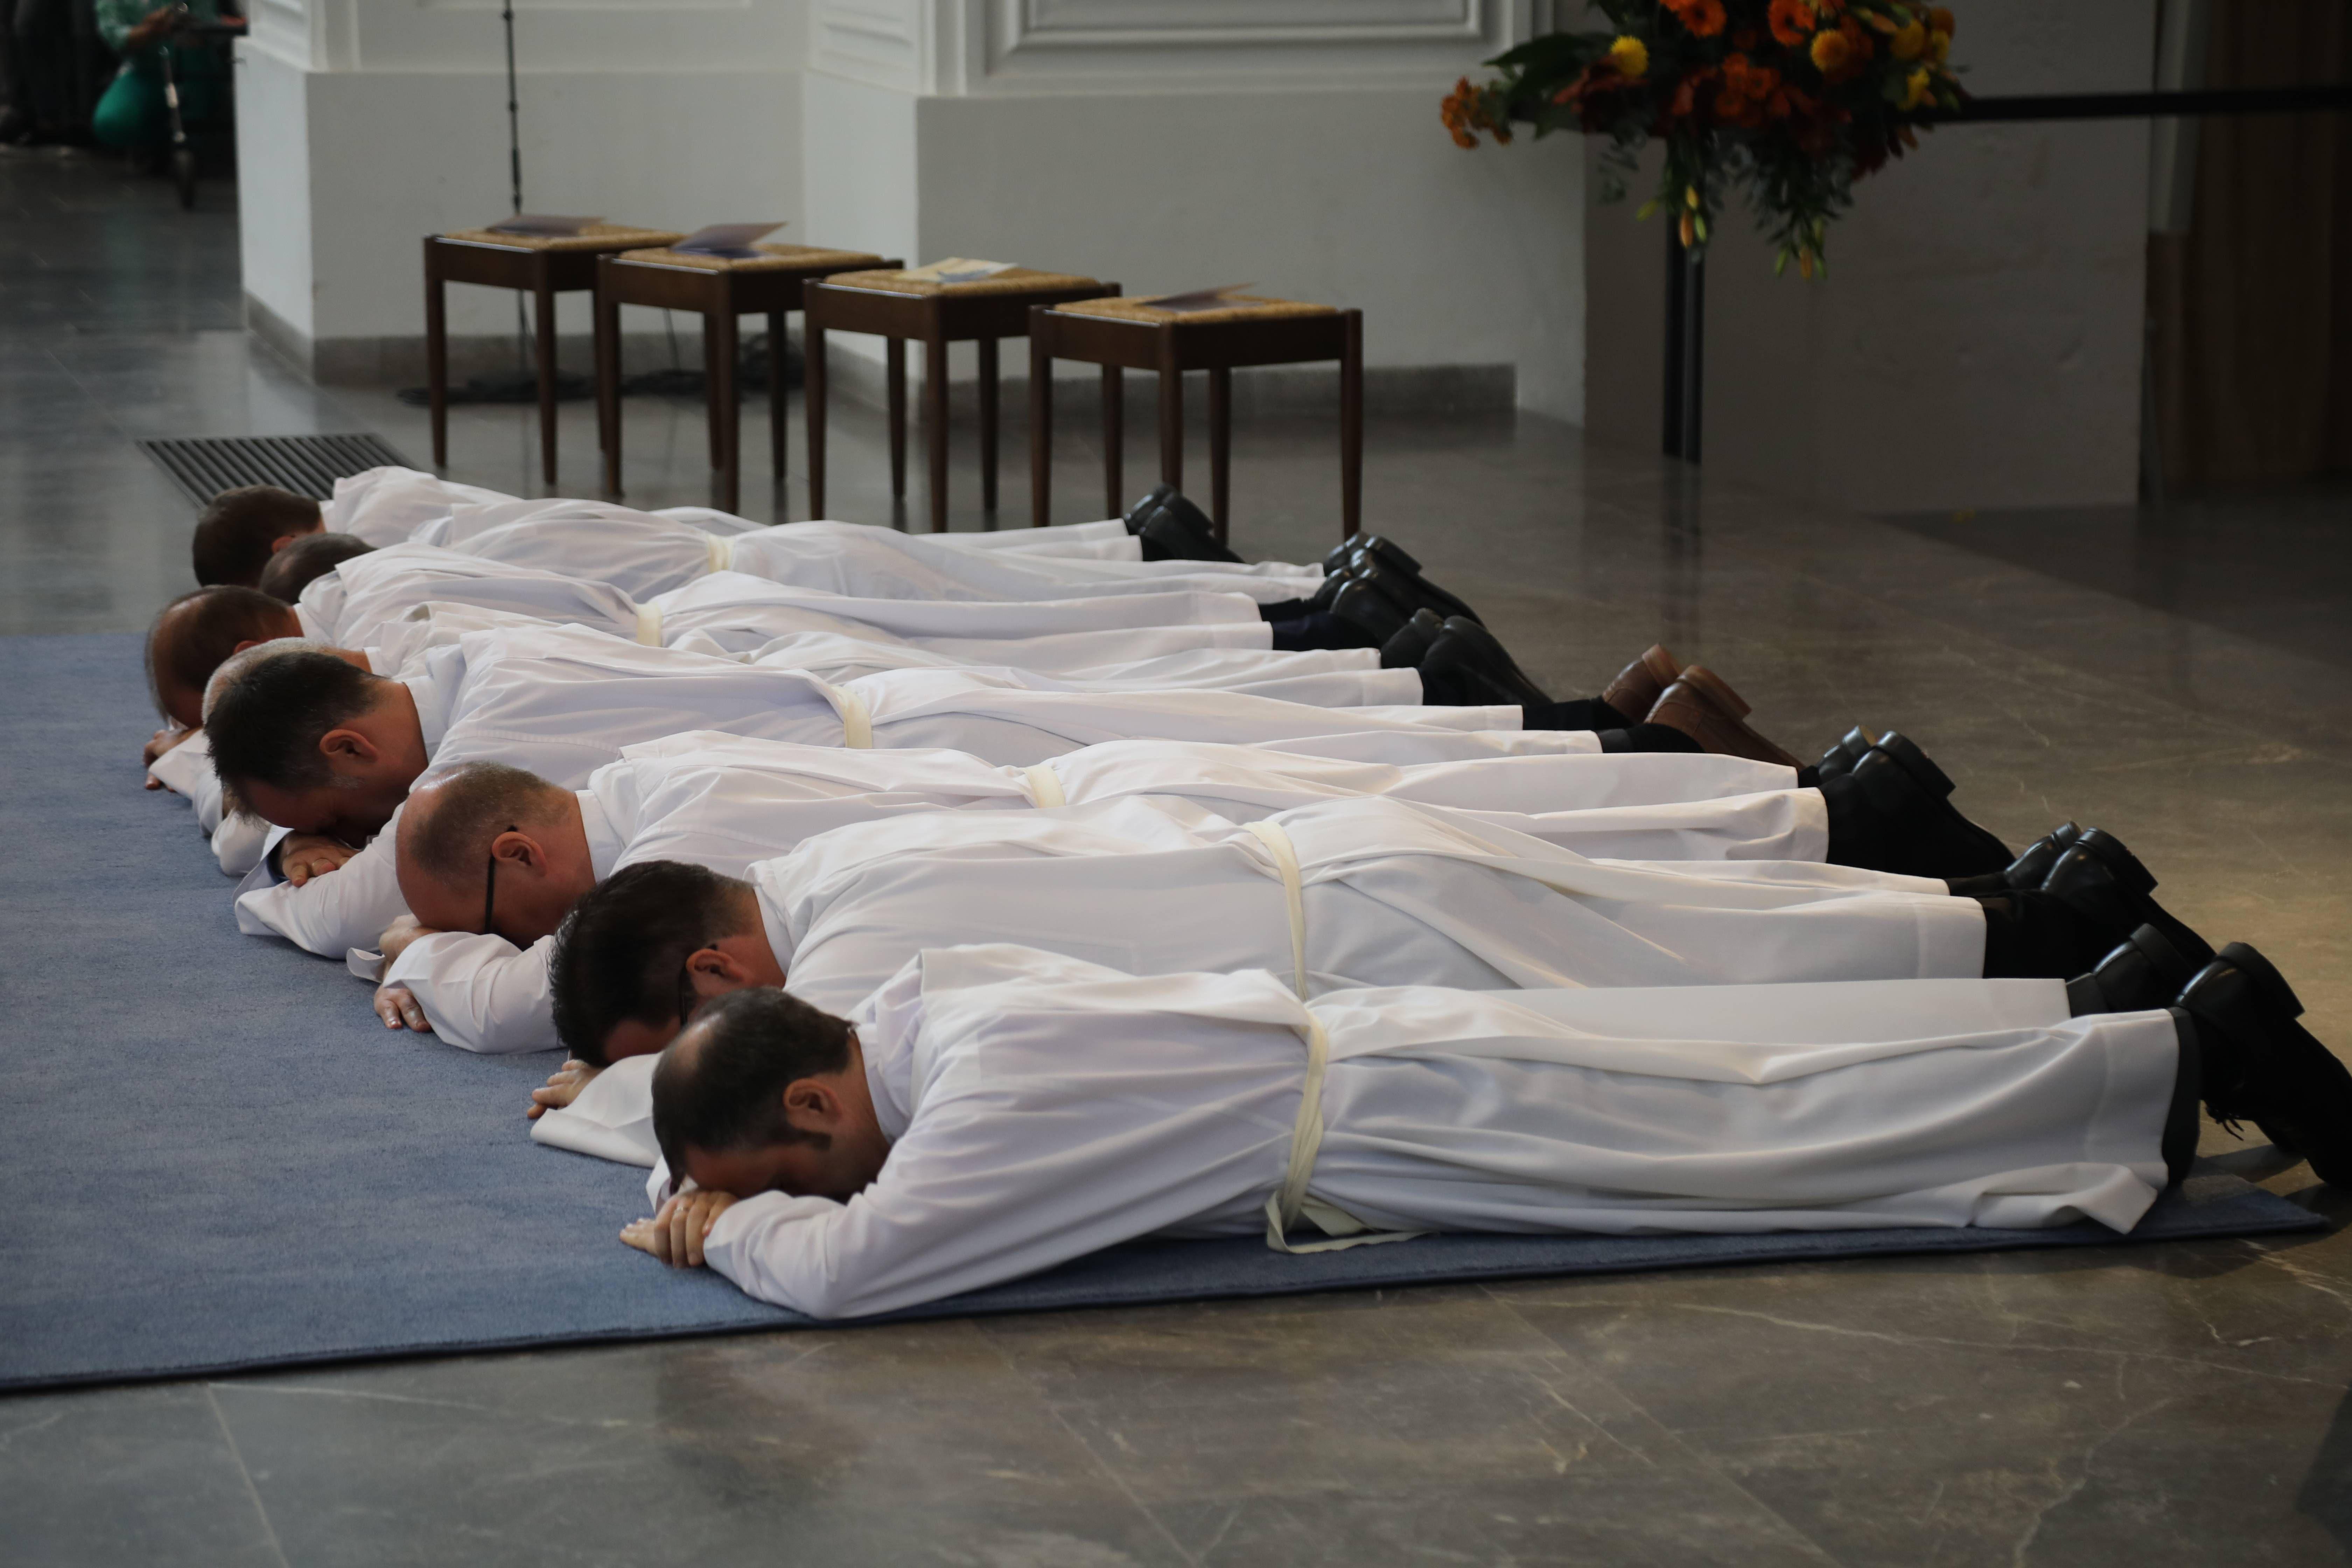 Während der Anrufung der Heiligen lagen die Männer als Zeichen der Hingabe an Christus ausgestreckt auf dem Boden.